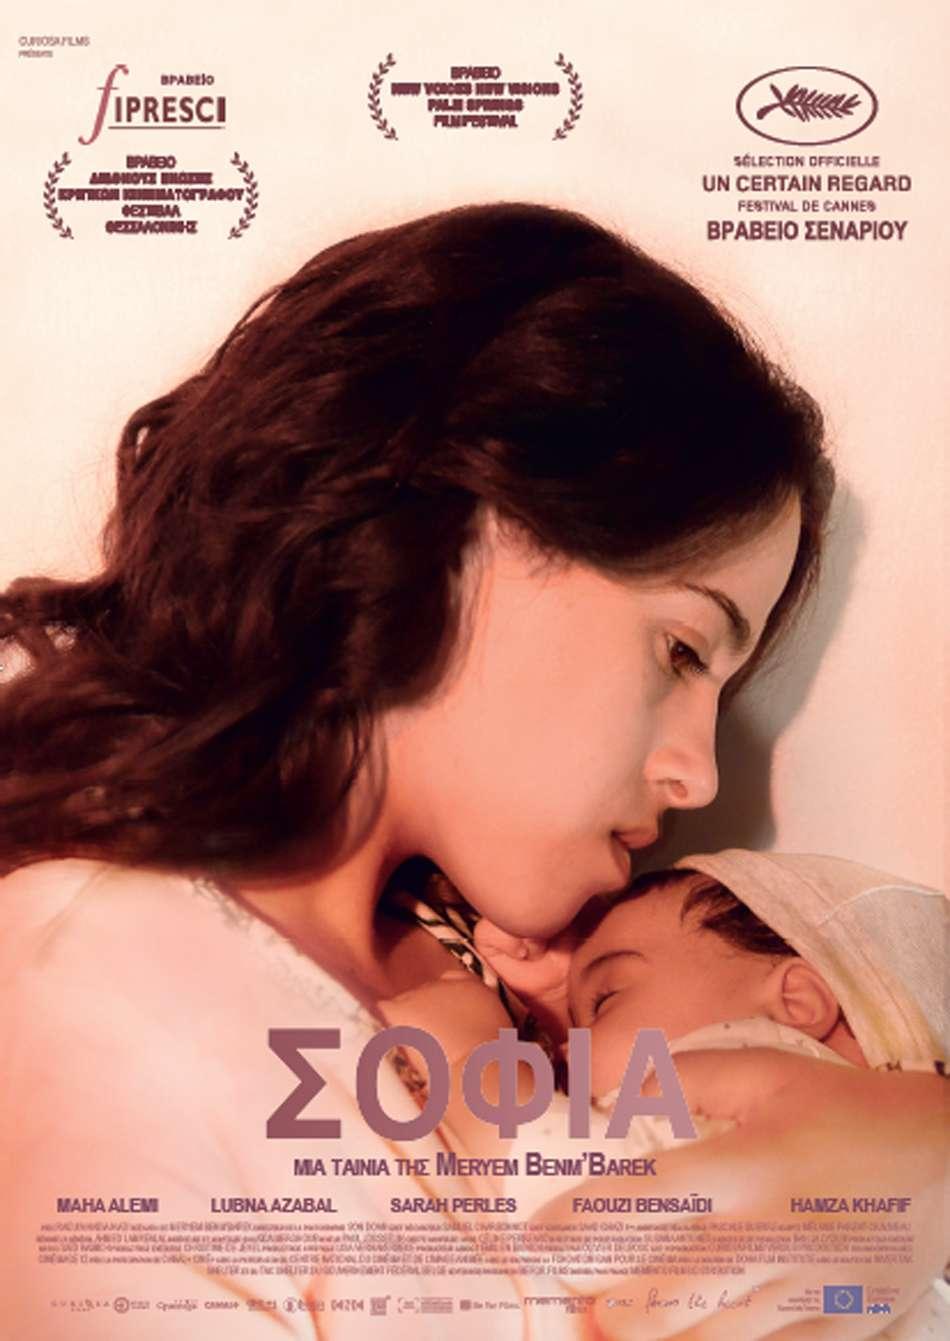 Σοφία (Sofia) Poster Πόστερ